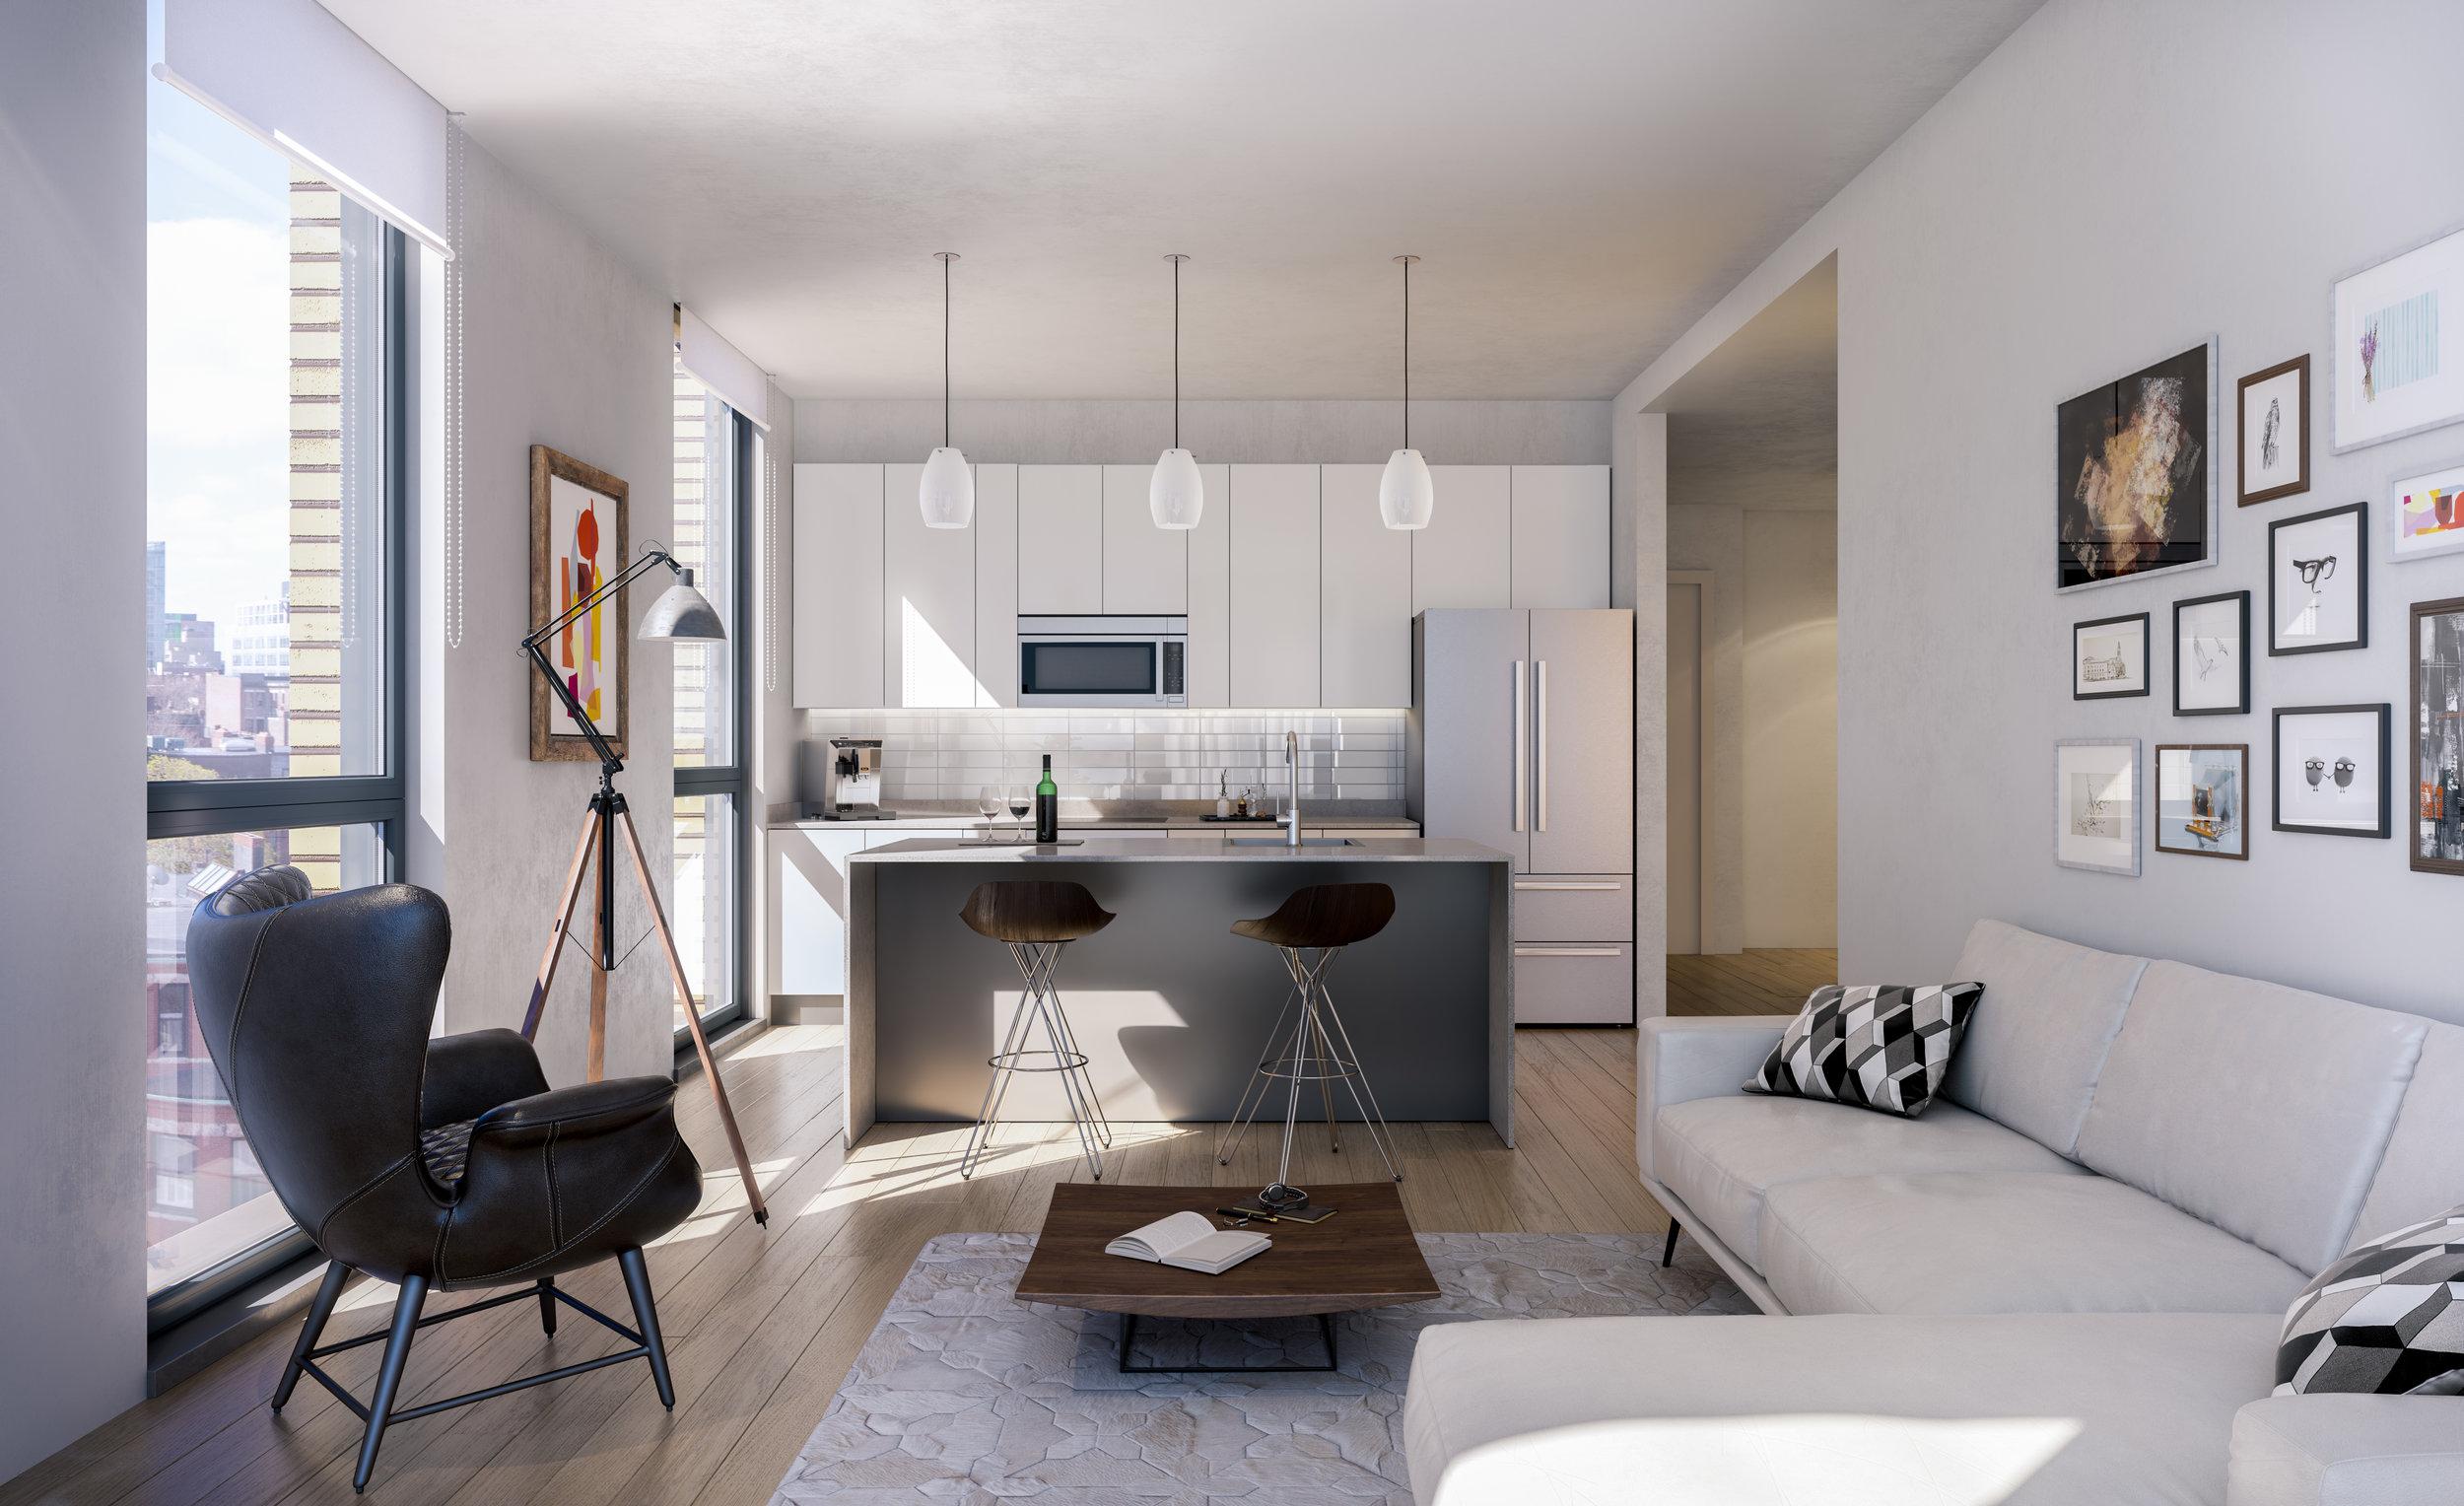 Interior_Kitchen_6k.jpg